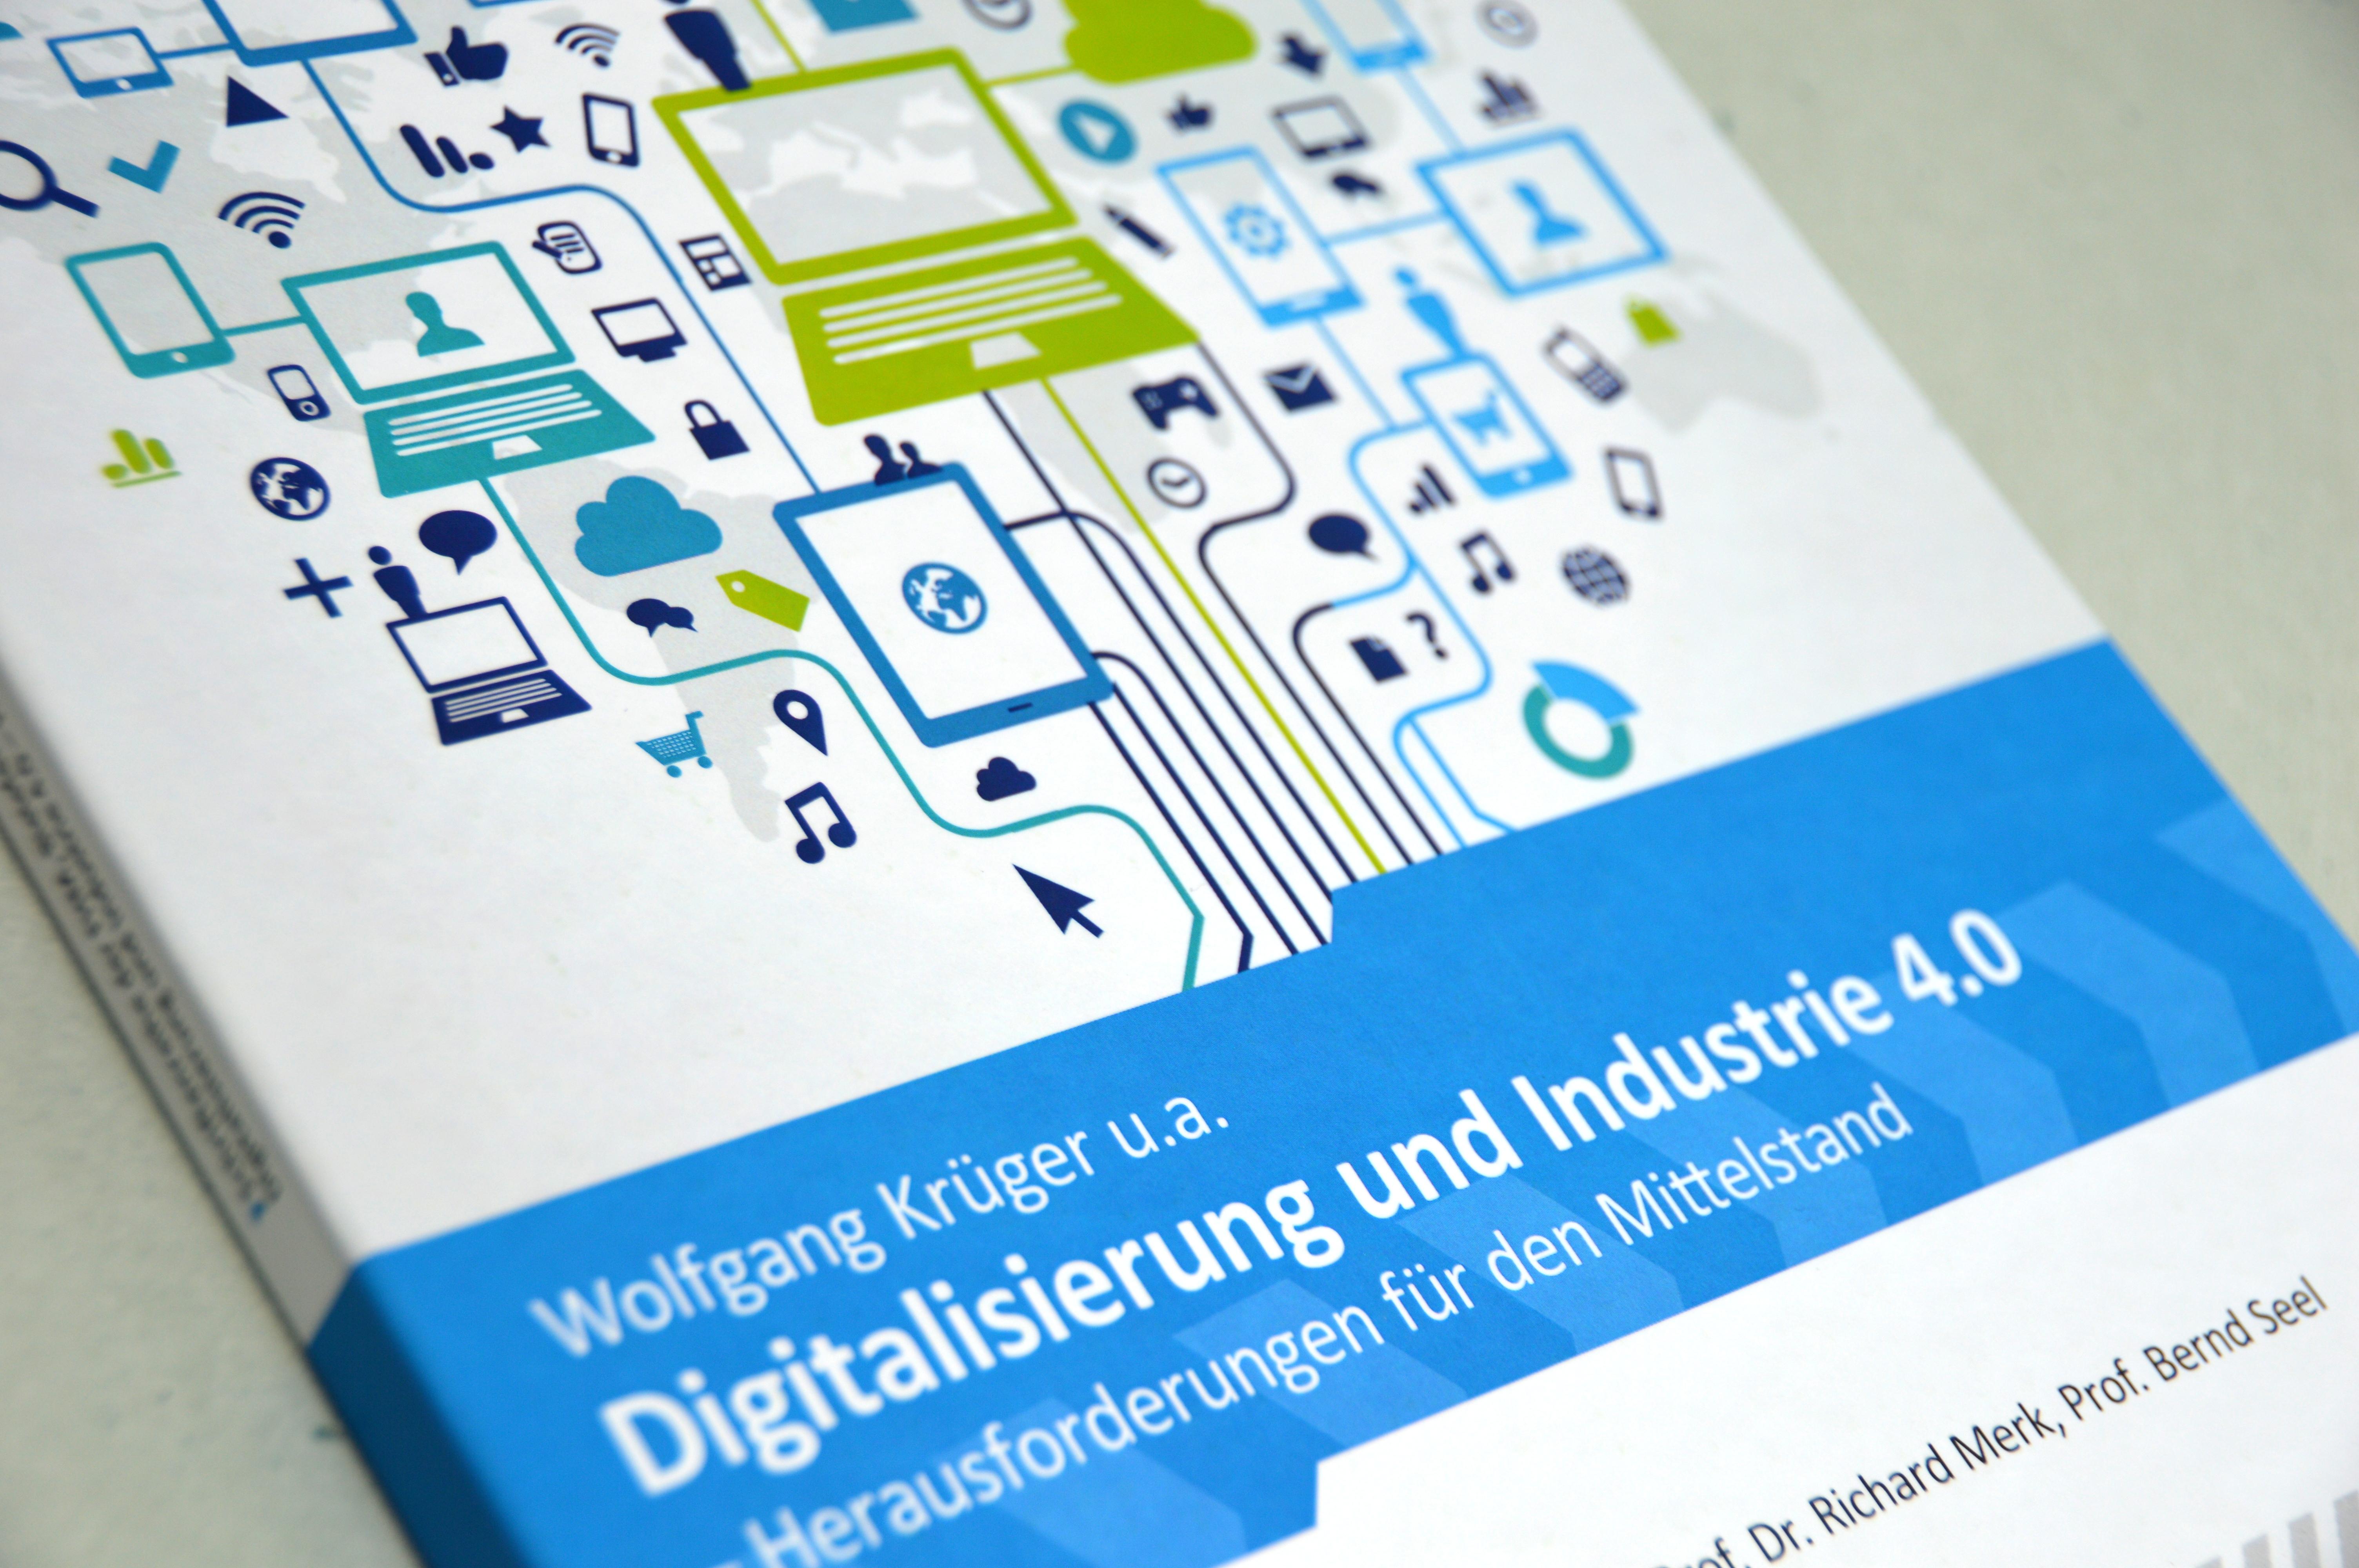 Digitalisierung und Industrie 4.0 – Herausforderungen für den Mittelstand